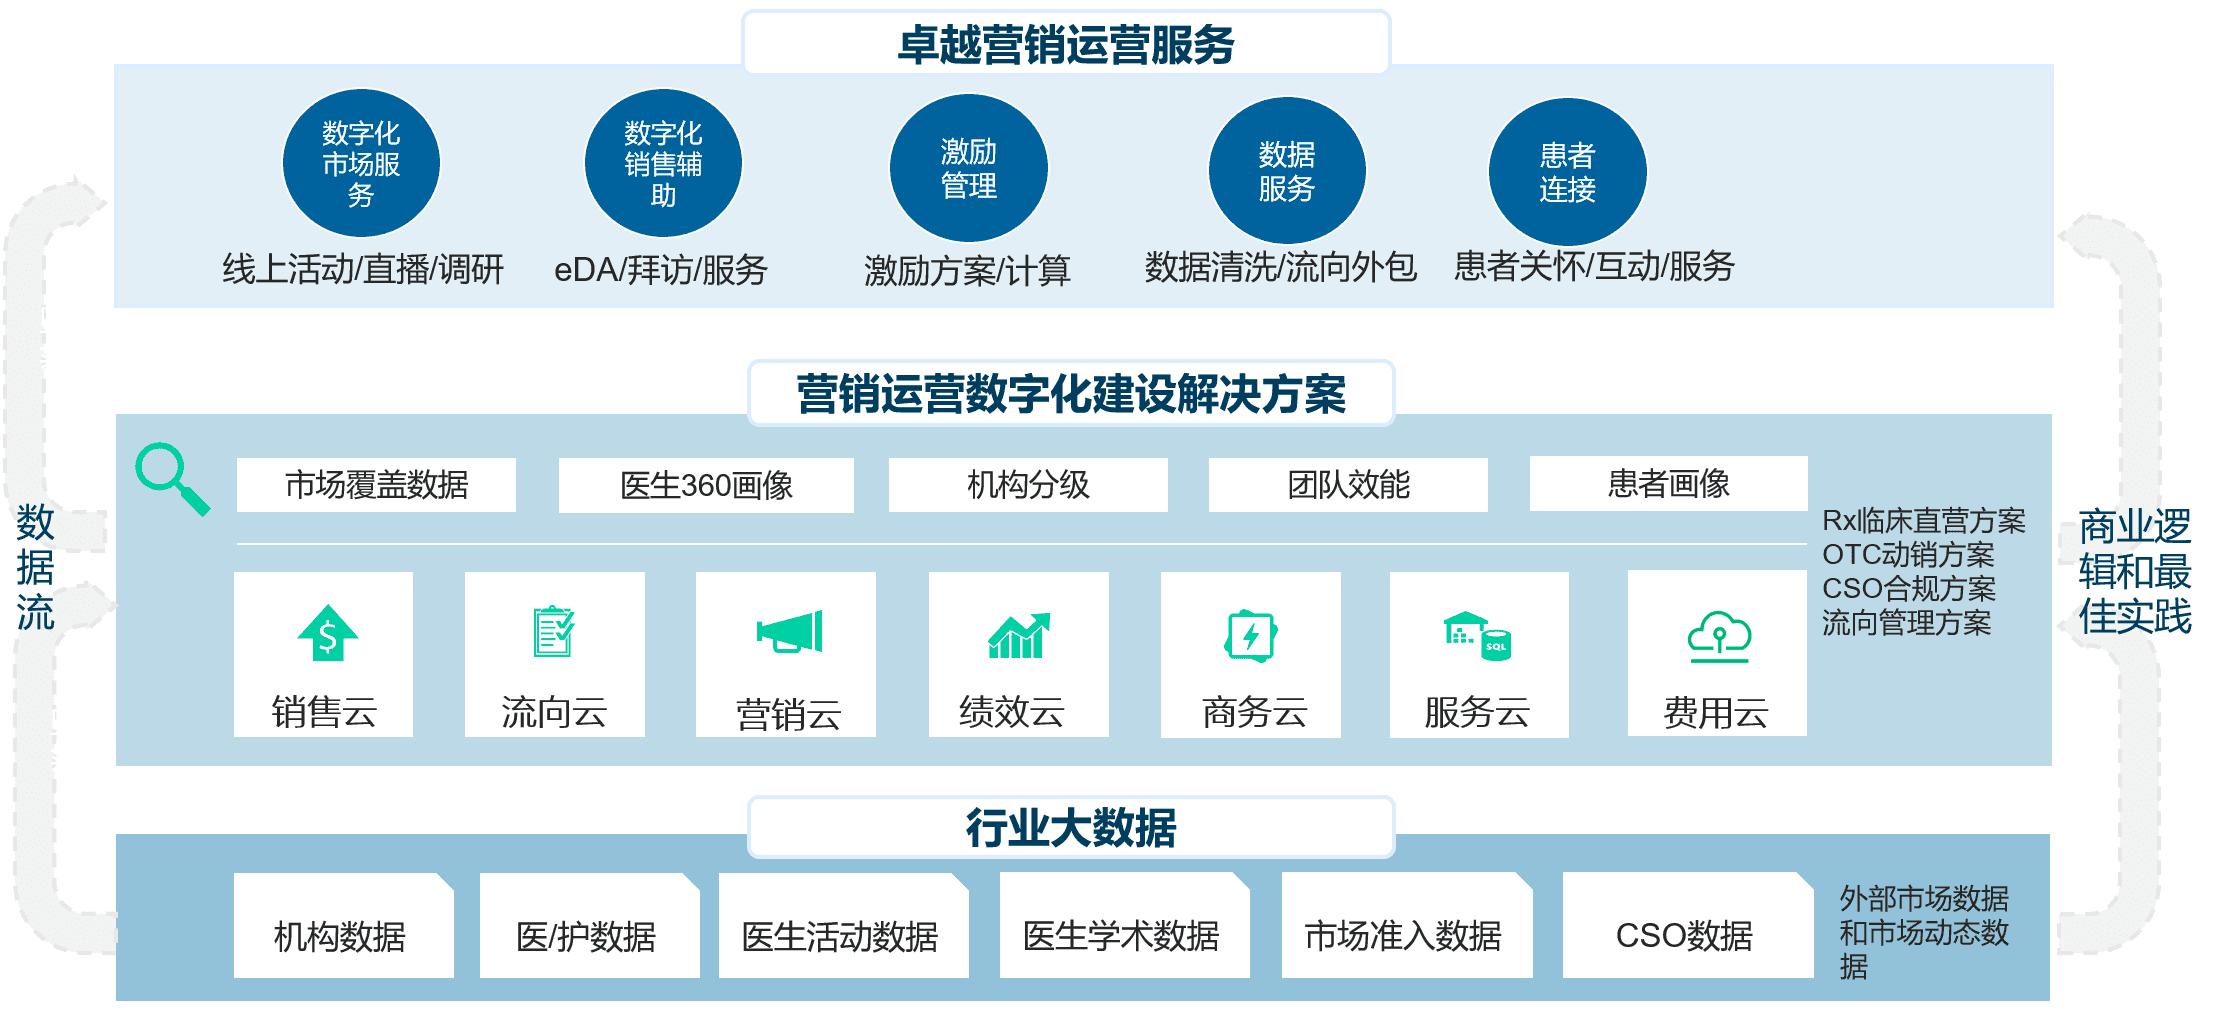 决策易赵祝维:从满足应用需求到服务业务目标,从SaaS服务商到业务合作伙伴 科创人